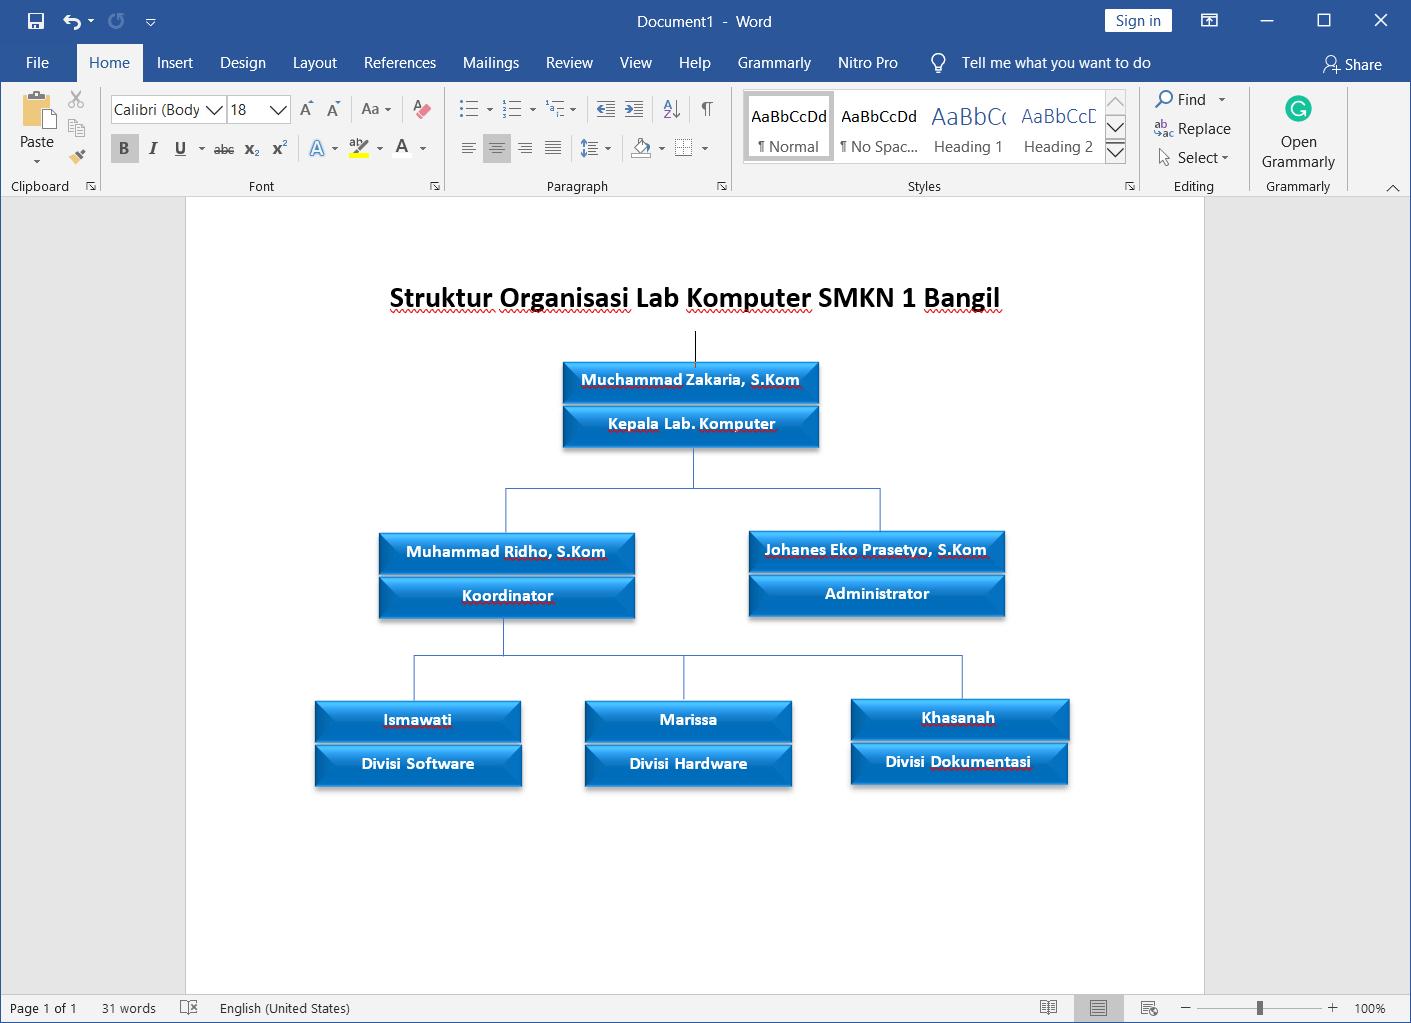 cara membuat struktur organisasi di microsoft word 2019